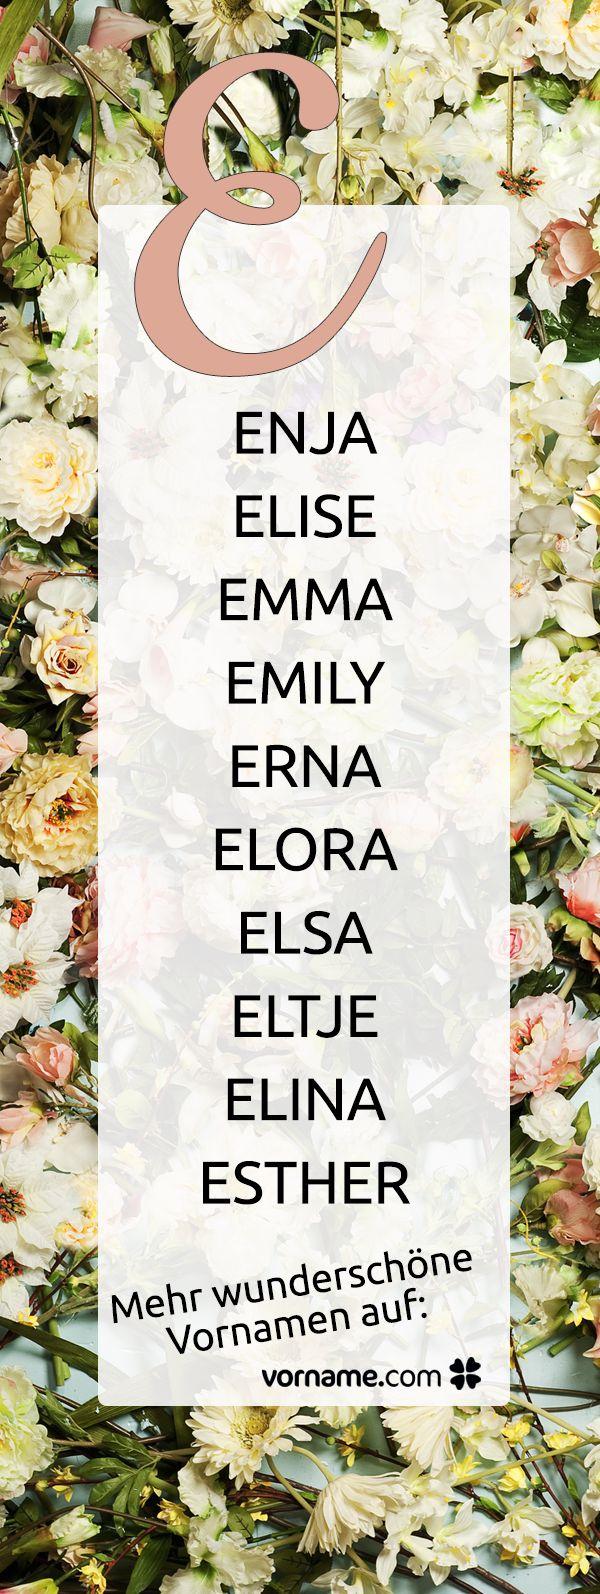 Du bist auf der Suche nach einem schönen Mädchennamen, der mit E beginnt? Bei uns findest Du alle Vornamen zu diesem Thema!